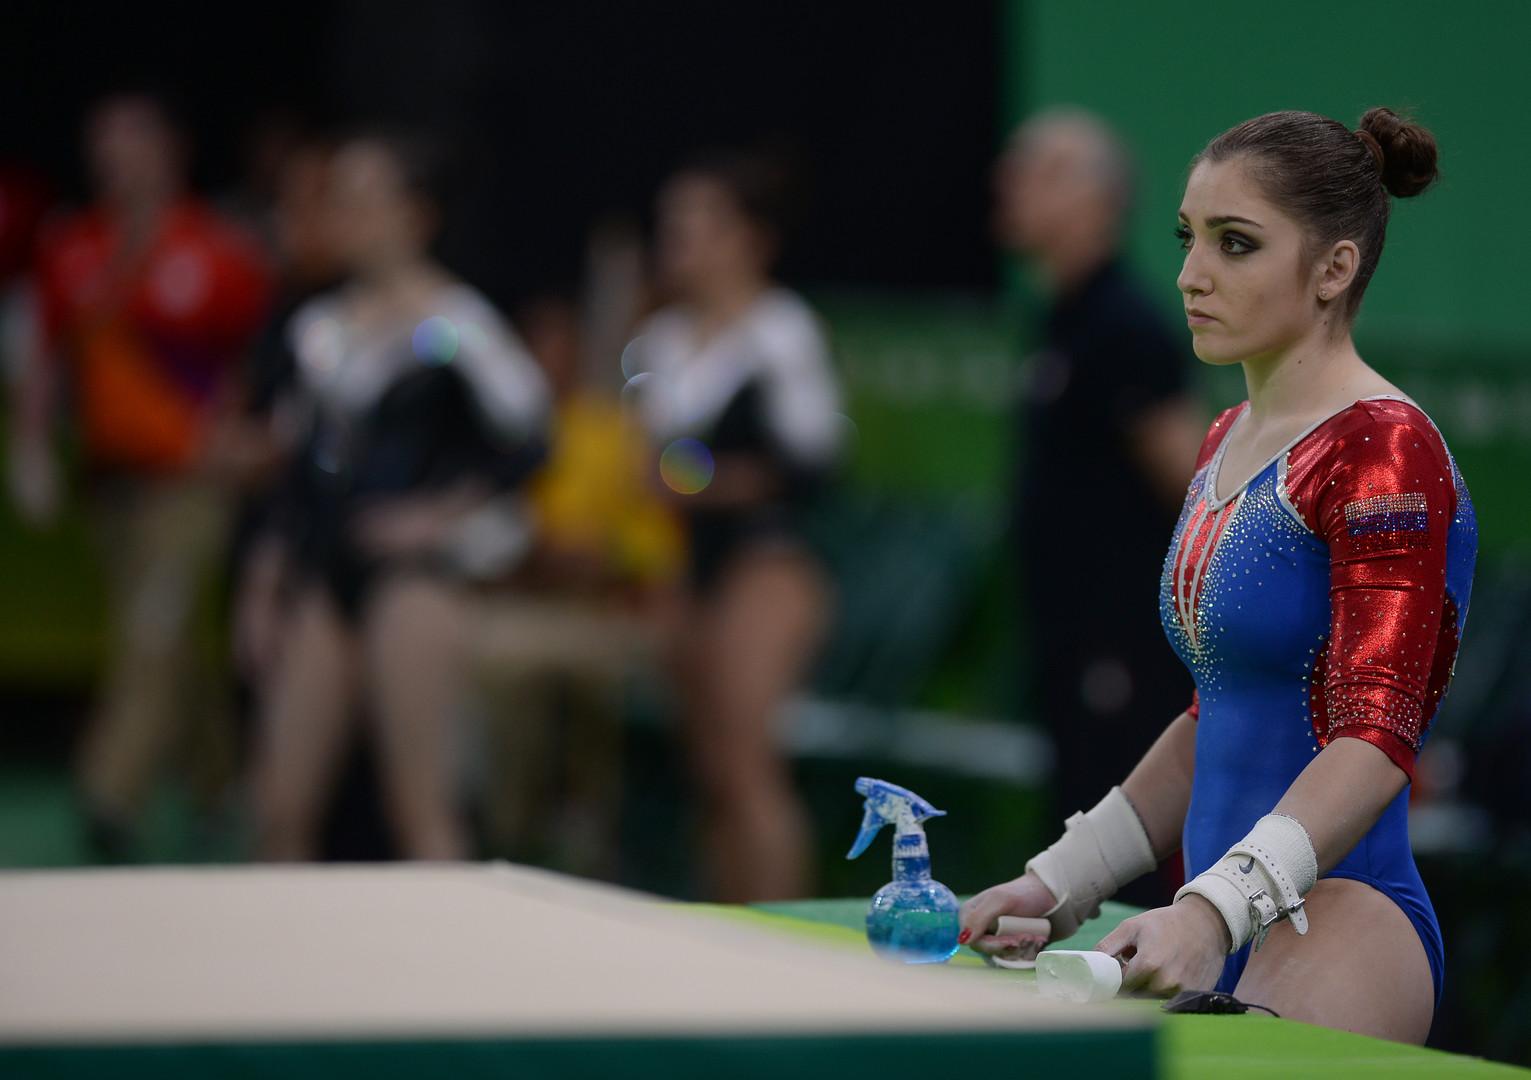 Российские гимнастки завоевали серебро в командном многоборье в Рио